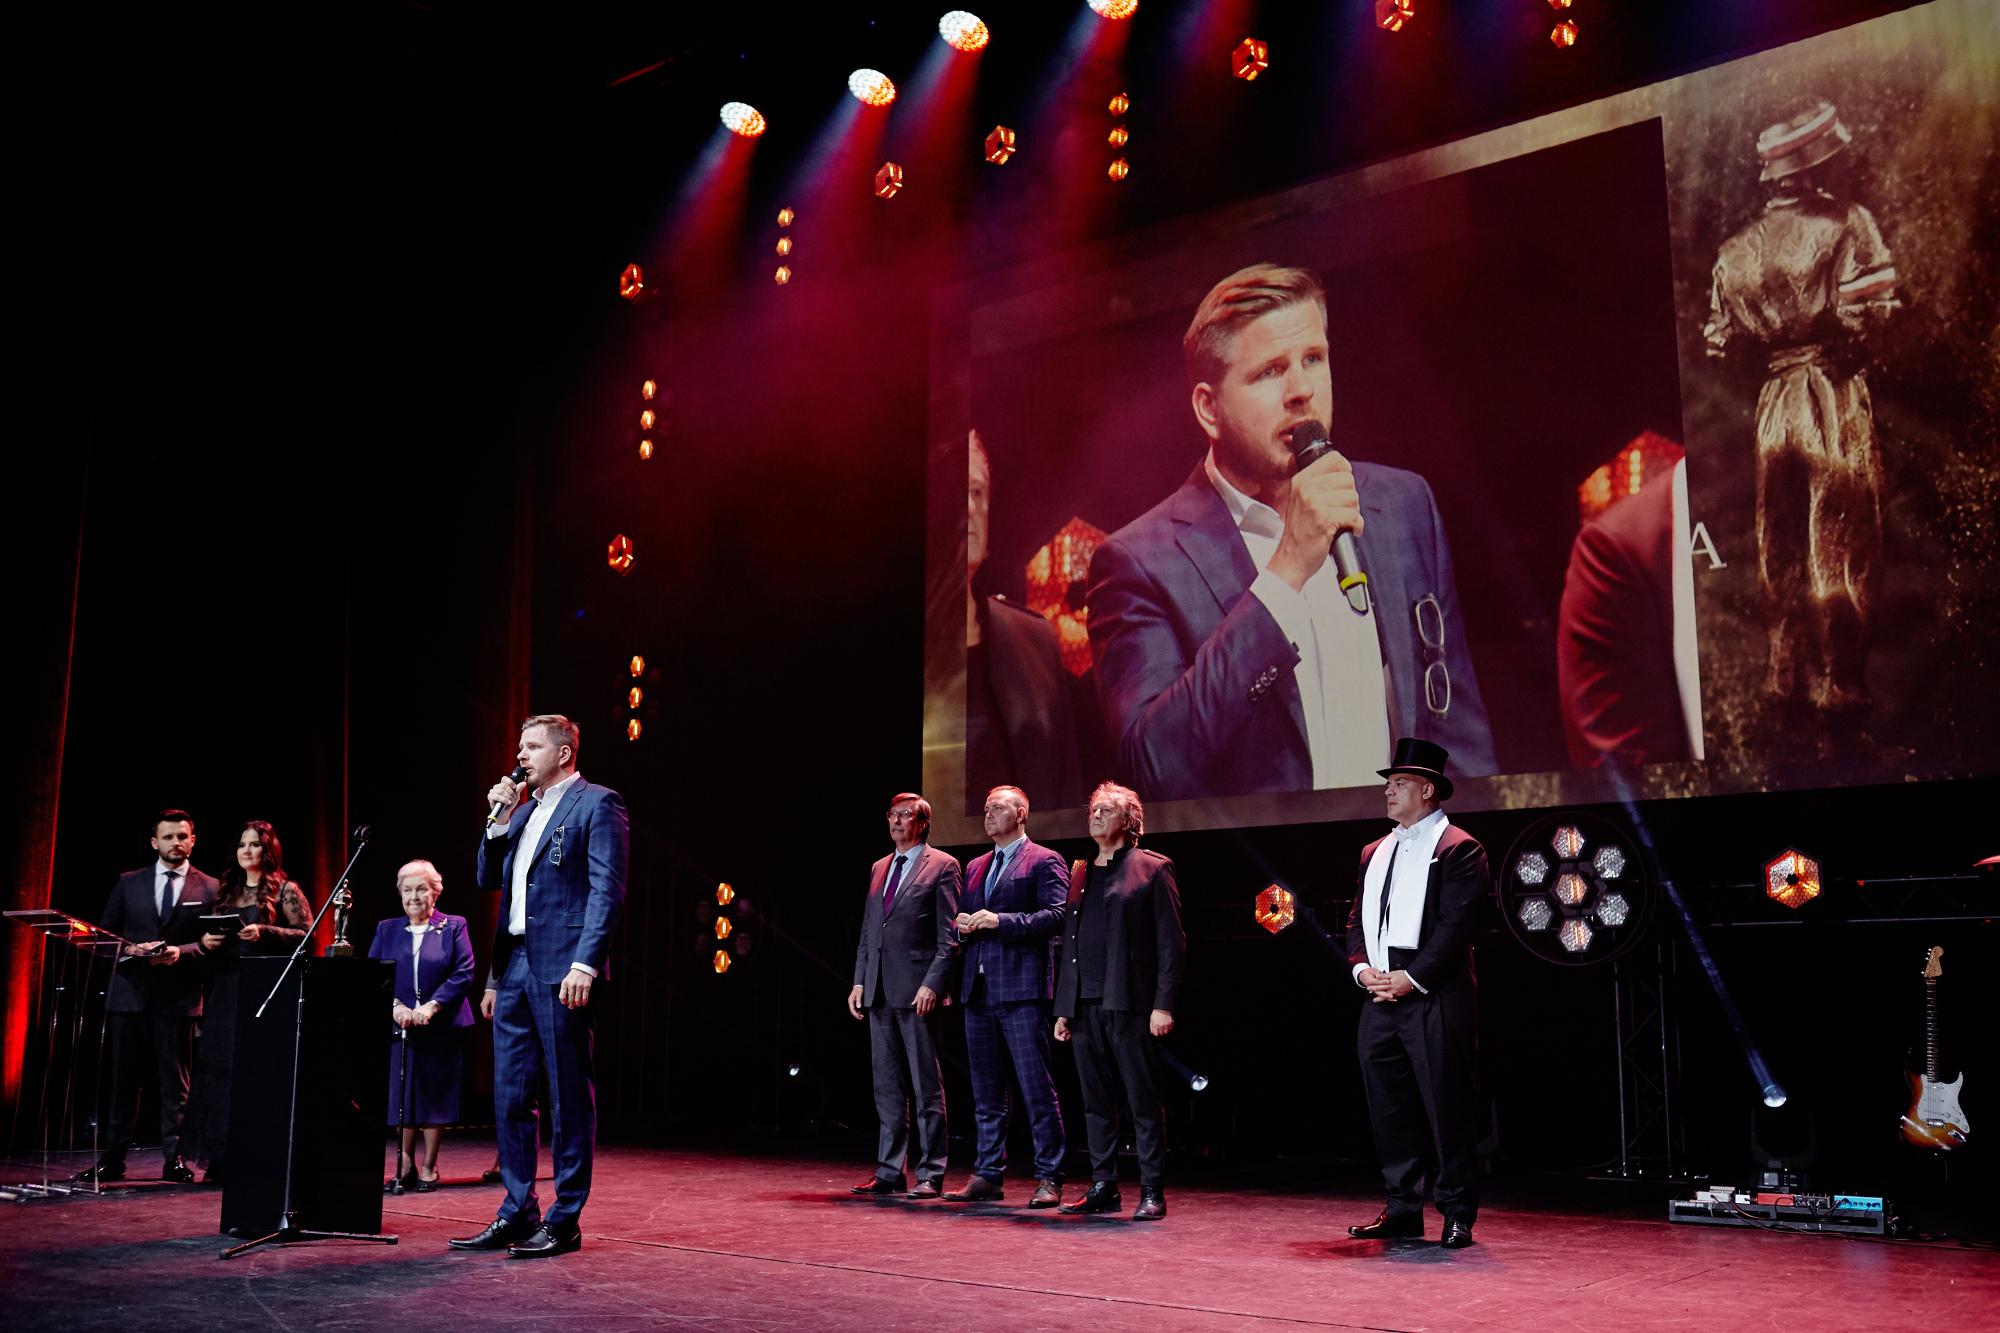 Nagroda_BohaterONy_2019_gala_fot_Michał_Moryl (75)